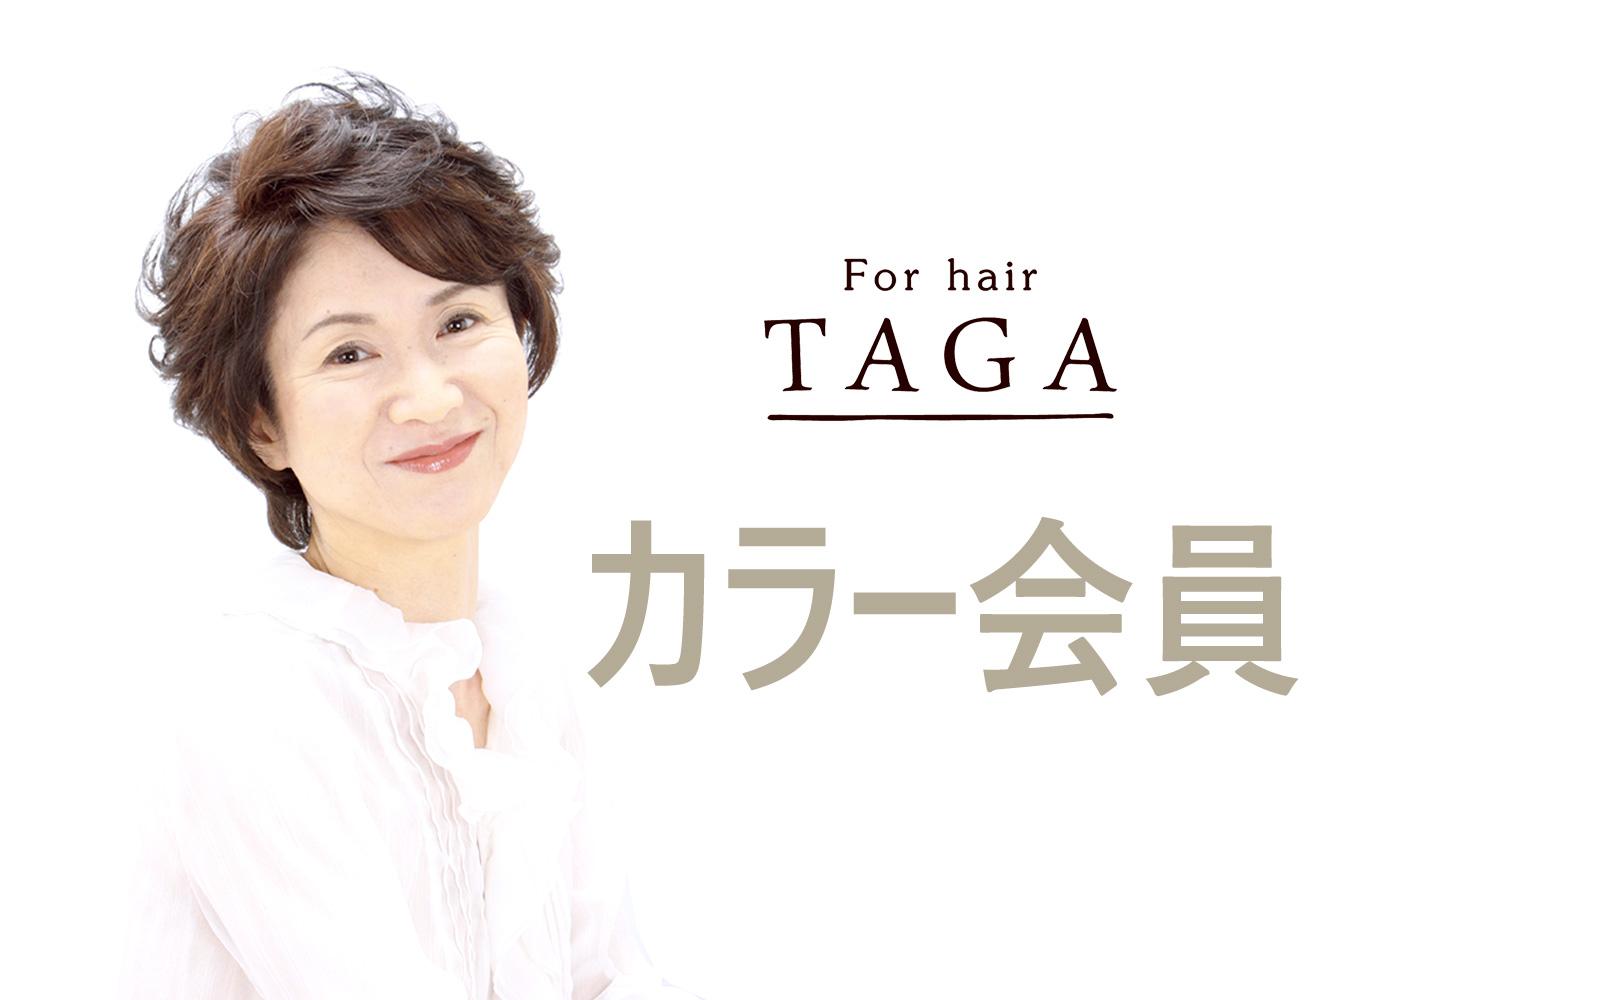 松阪市美容室 タガ カラー会員